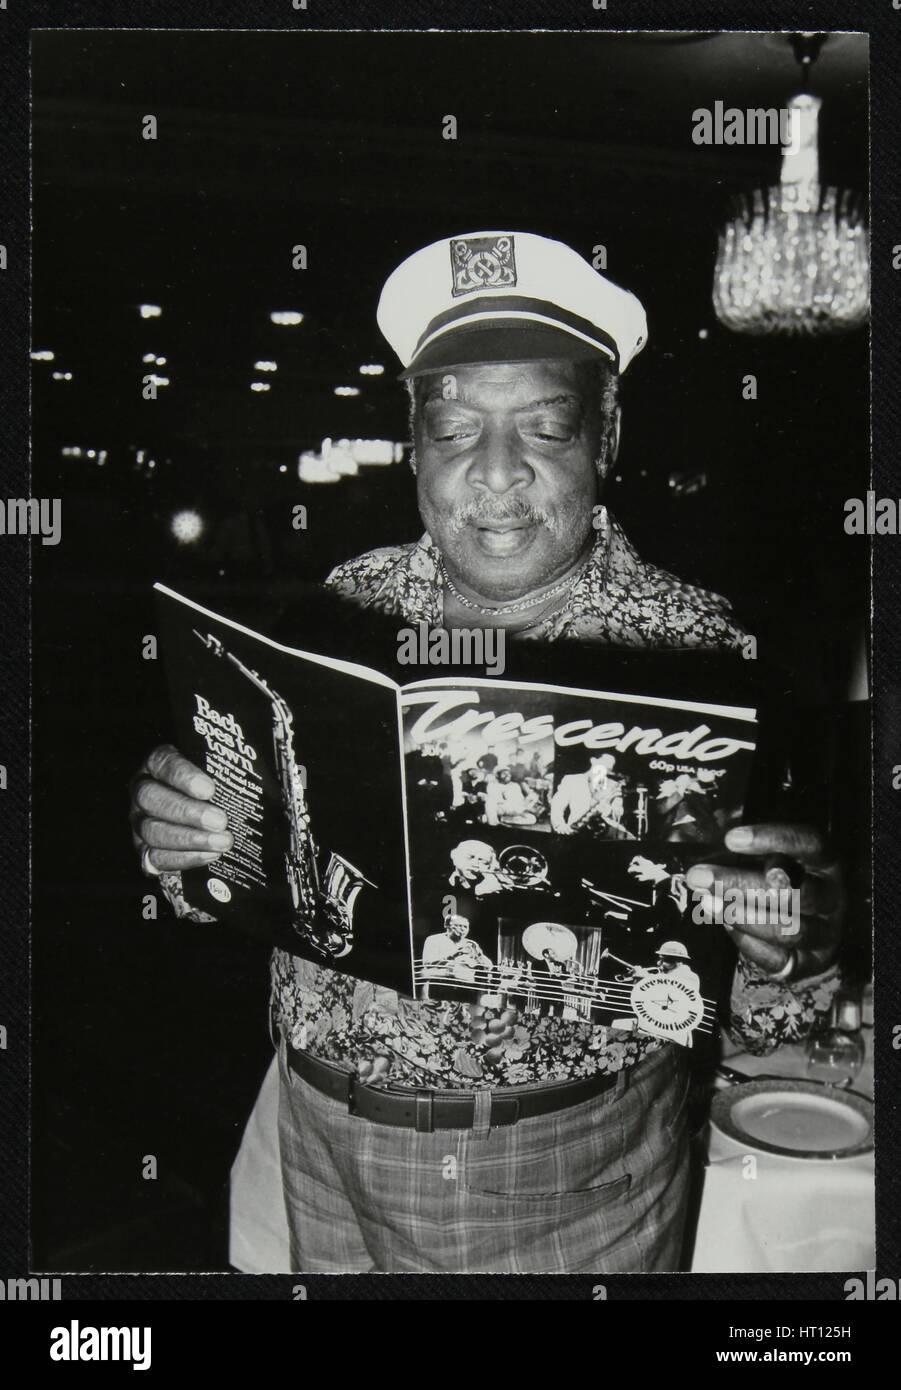 Count Basie leggendo una copia della rivista in crescendo al Grosvenor House Hotel, Londra, 1979. Artista: Denis Immagini Stock